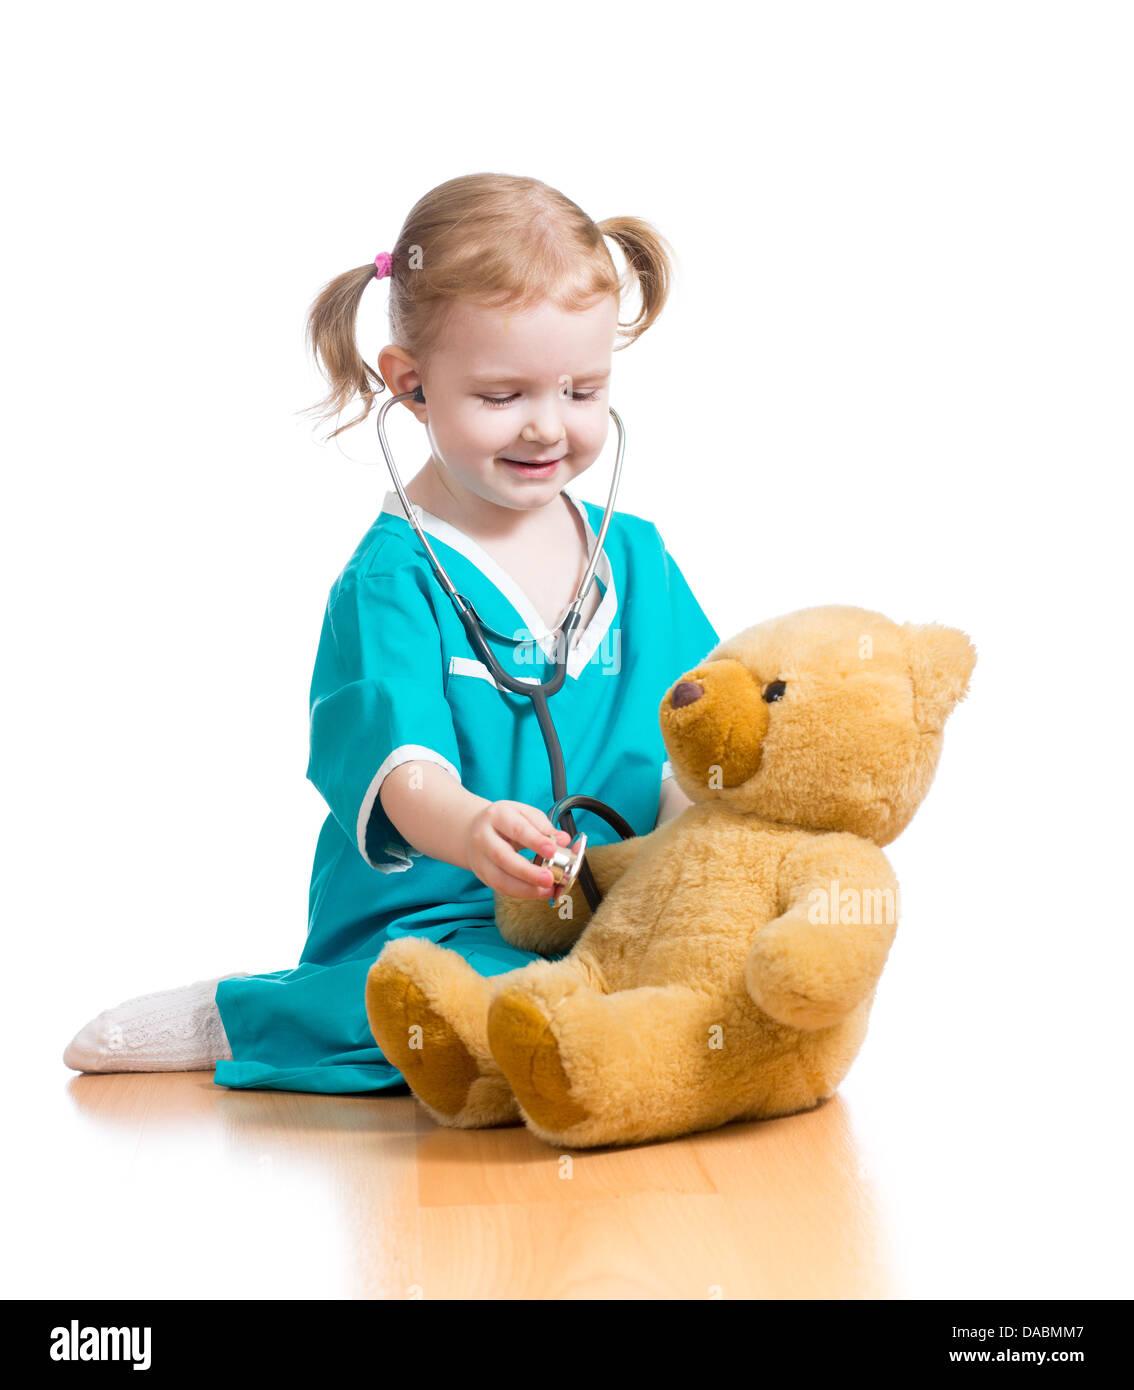 Vêtements enfant fille avec des médecin jouant avec peluche Photo Stock